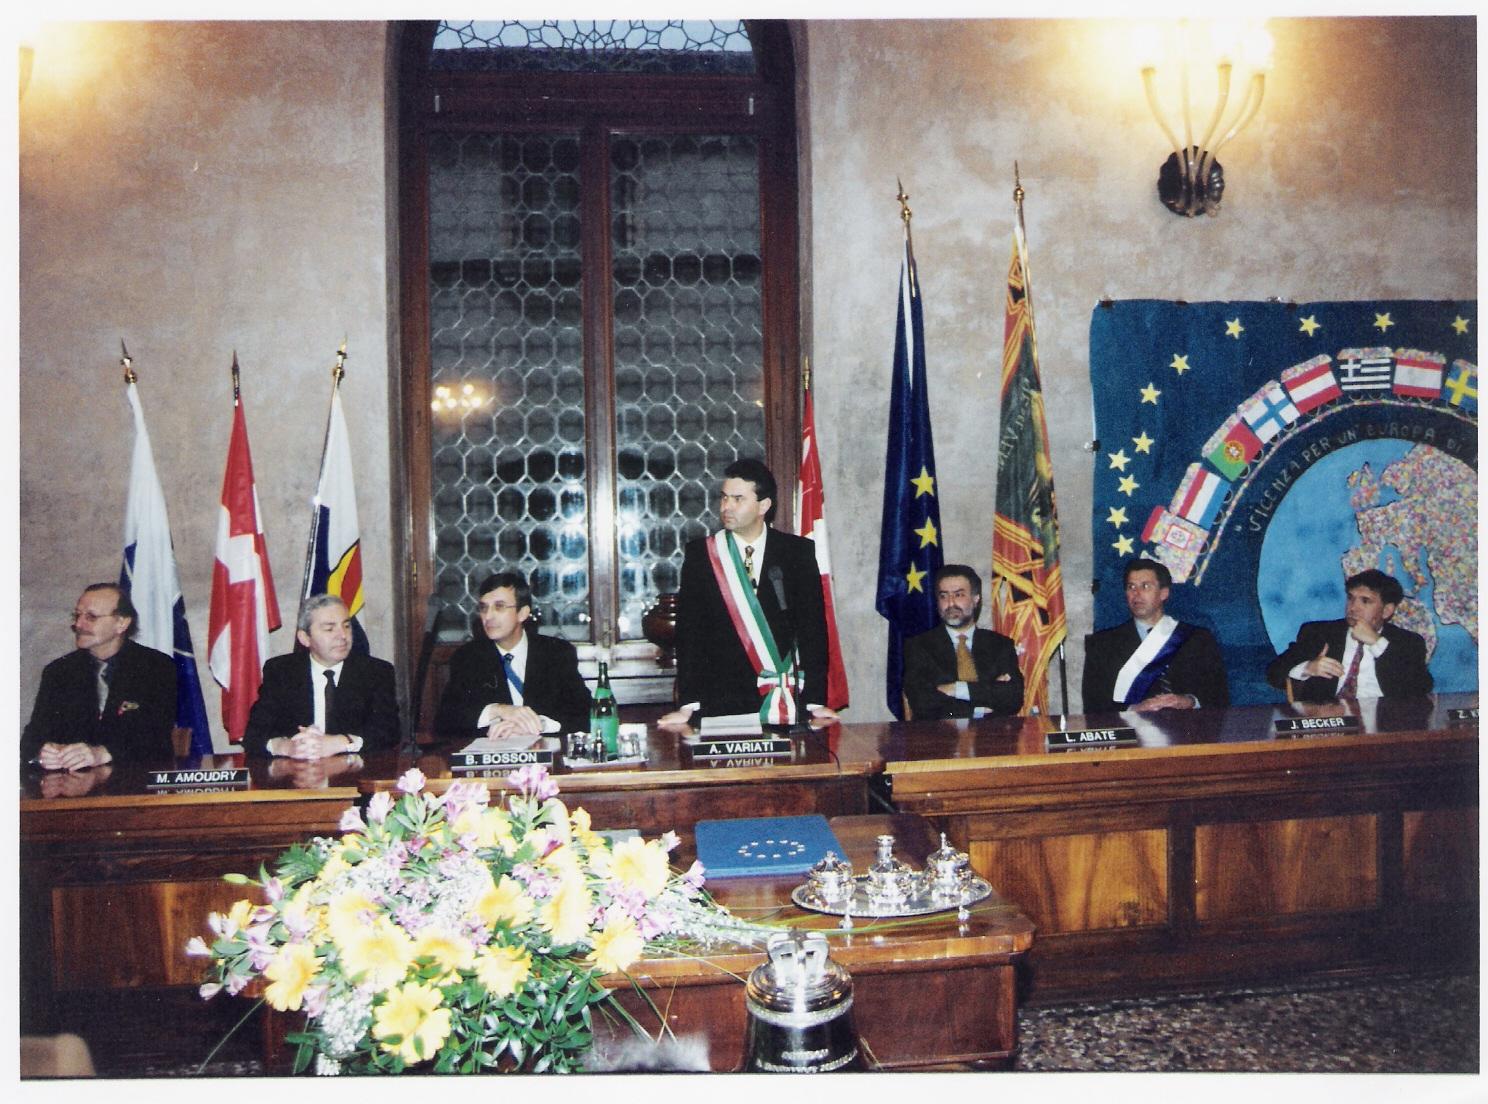 incontri Annecy serie mondiali di incontri episodi completi